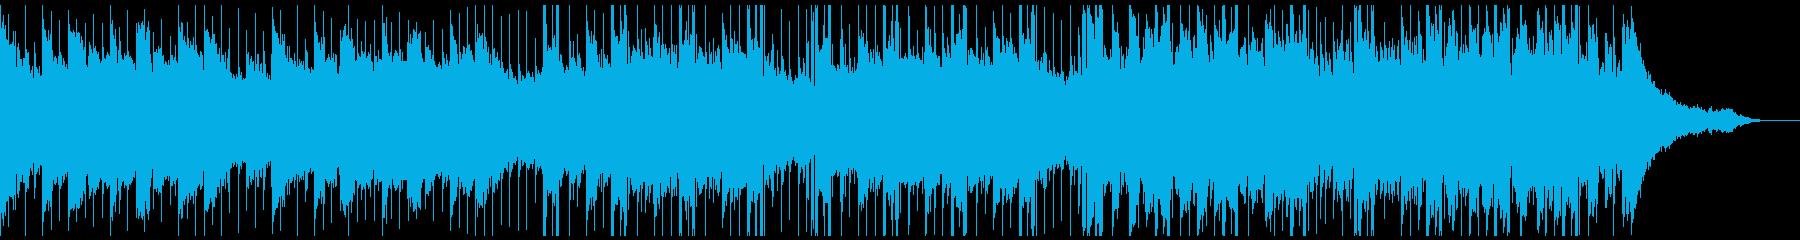 テクノロジーコーポレーション(短)の再生済みの波形